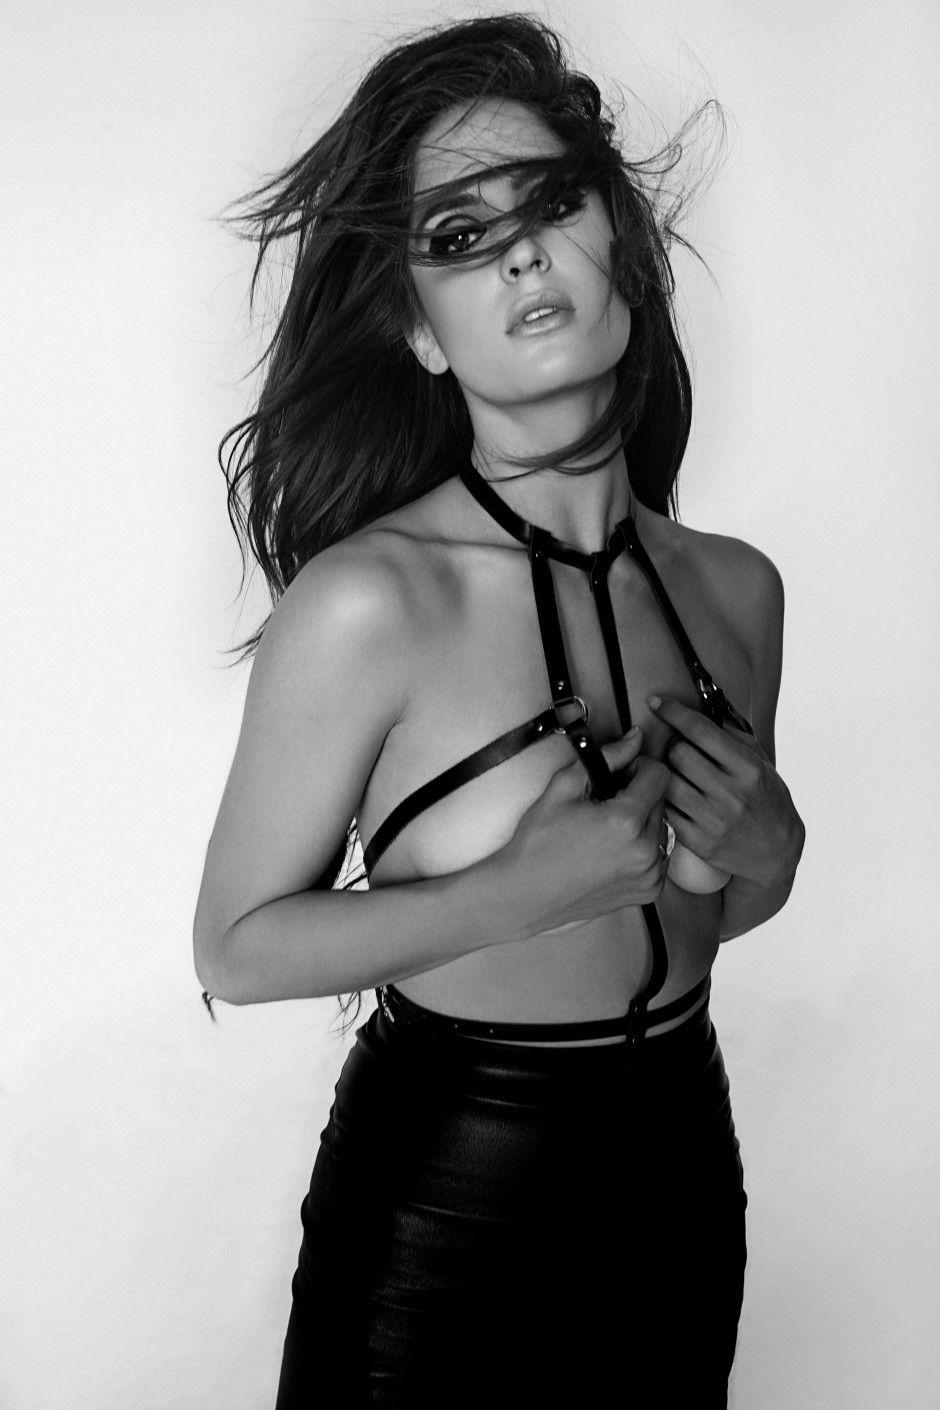 Ass Hot Bekka Gunther naked photo 2017